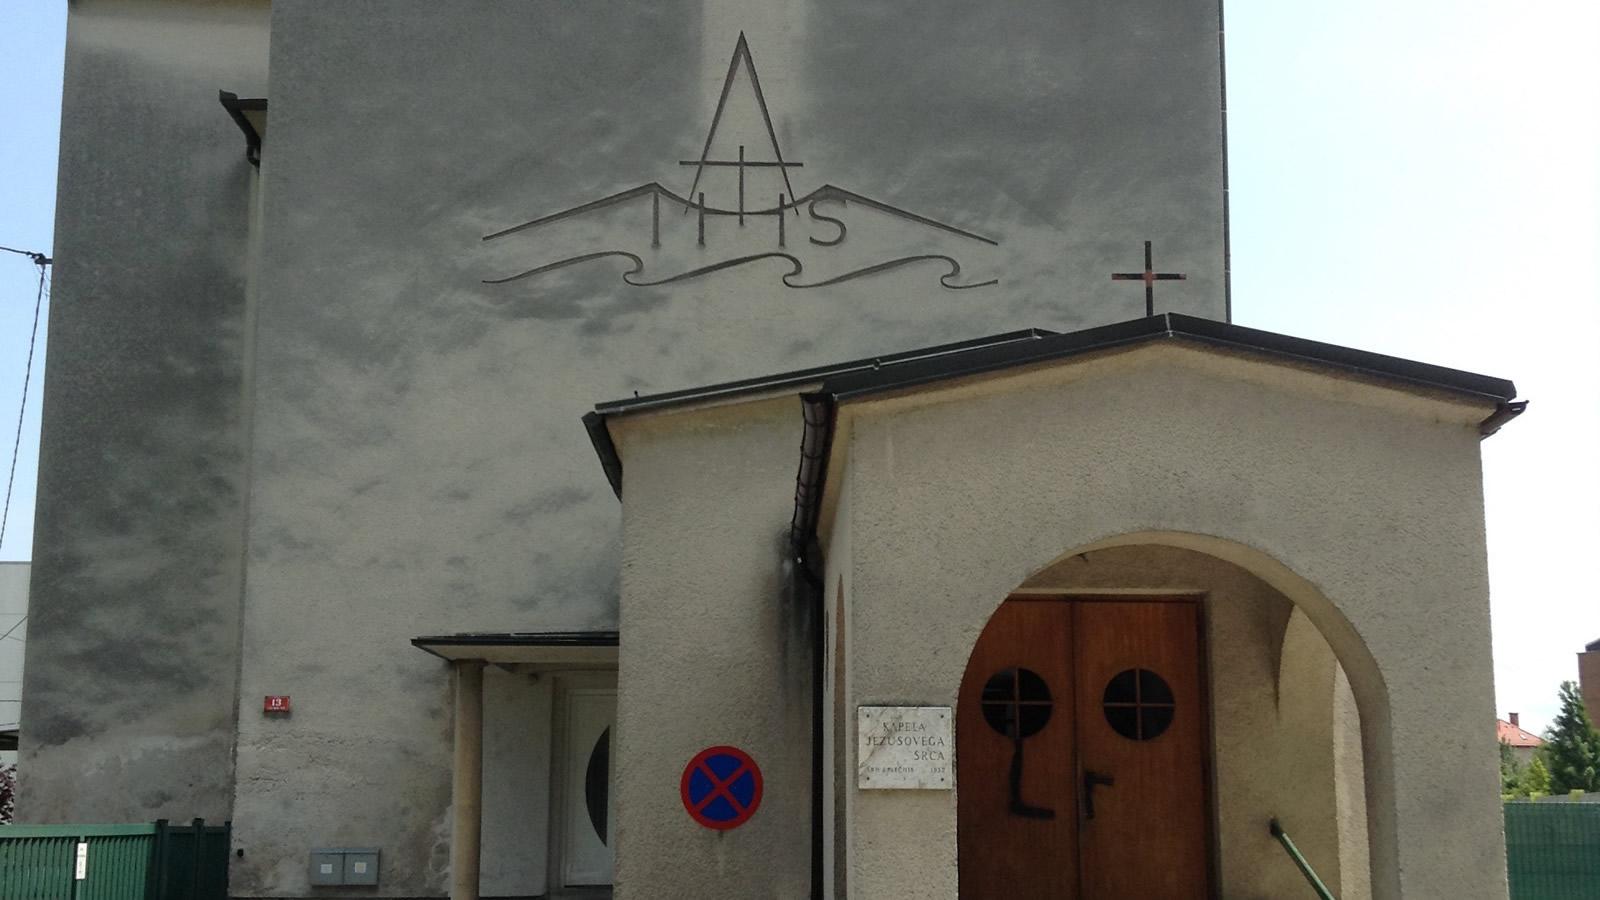 Jesuit College Magis in Maribor, Slovenia